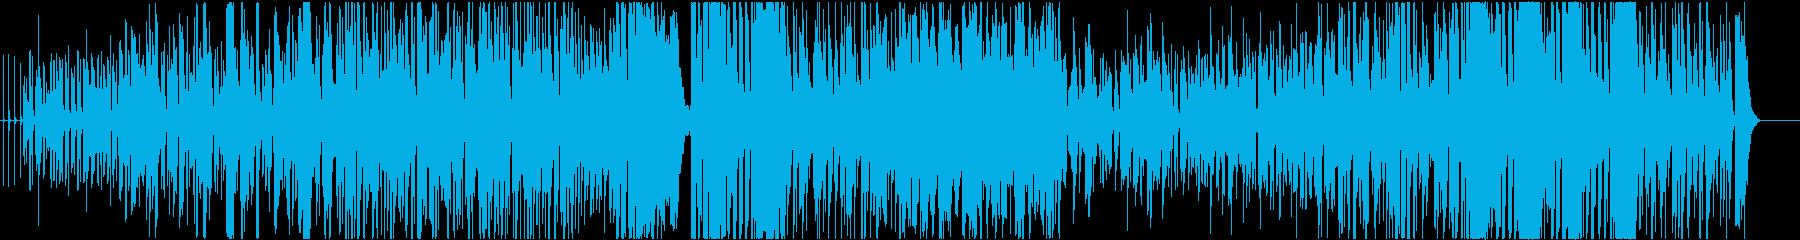 ニューオーリンズのアップライトベー...の再生済みの波形